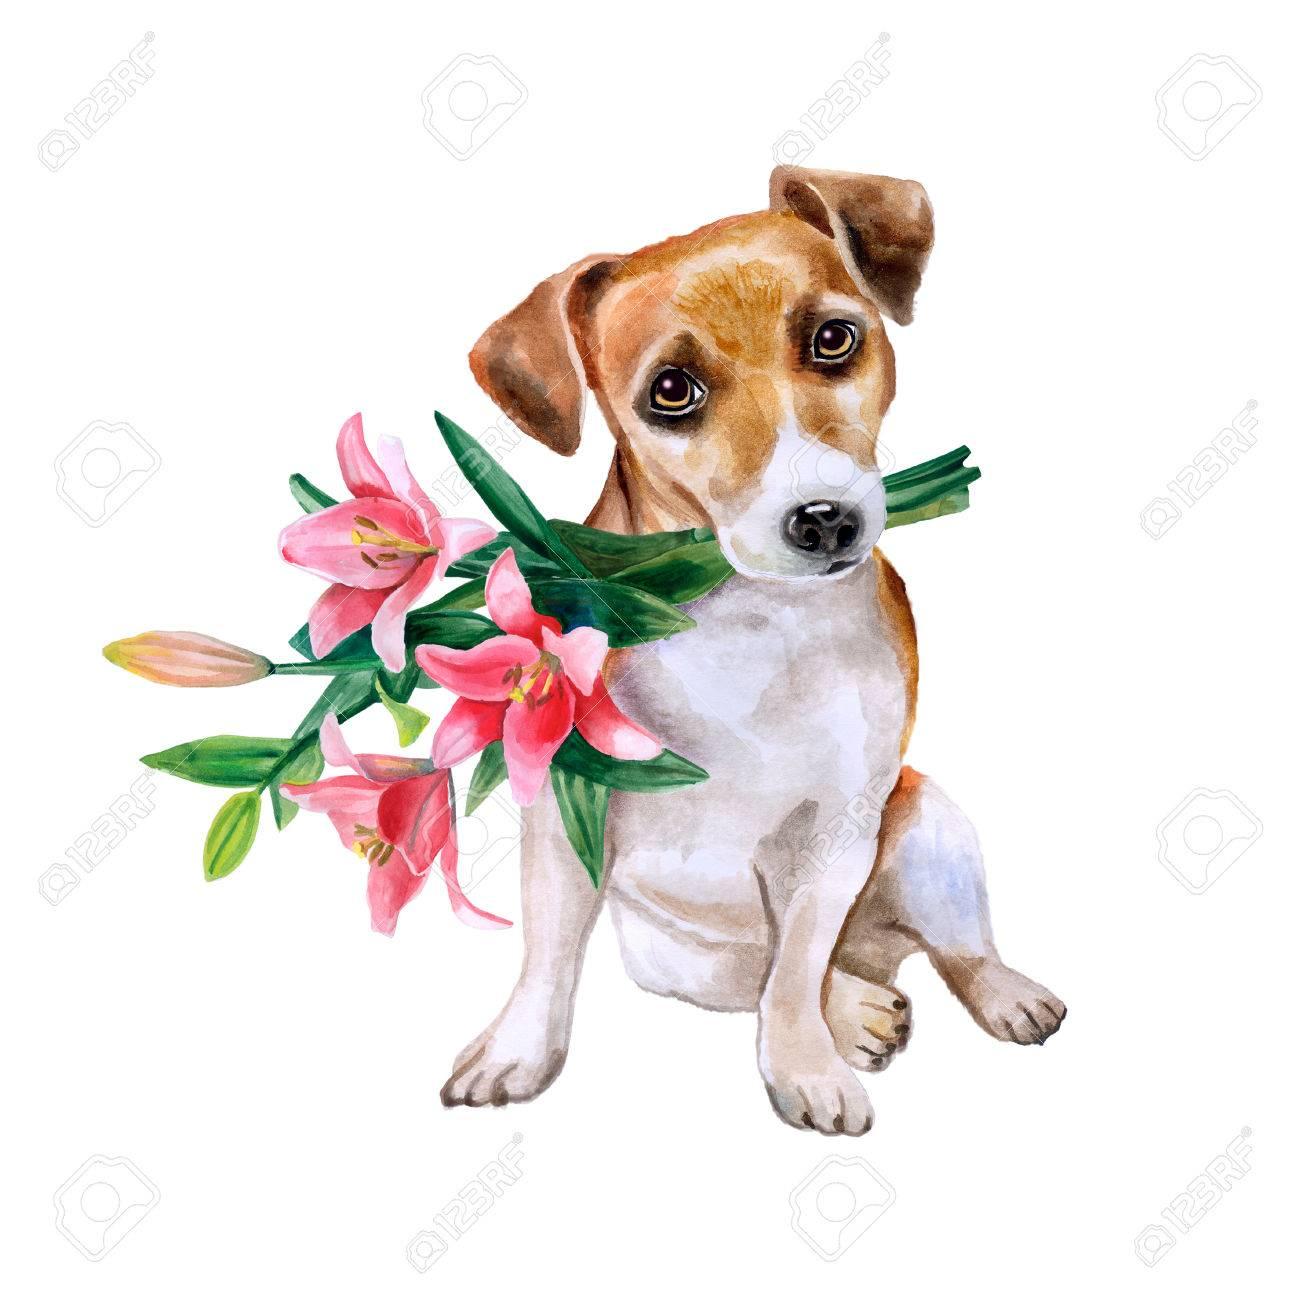 Hund Mit Blumen. Netter Welpe Mit Romantischen Blumenstrauß.  Blumen Hintergrund. Aquarell Von